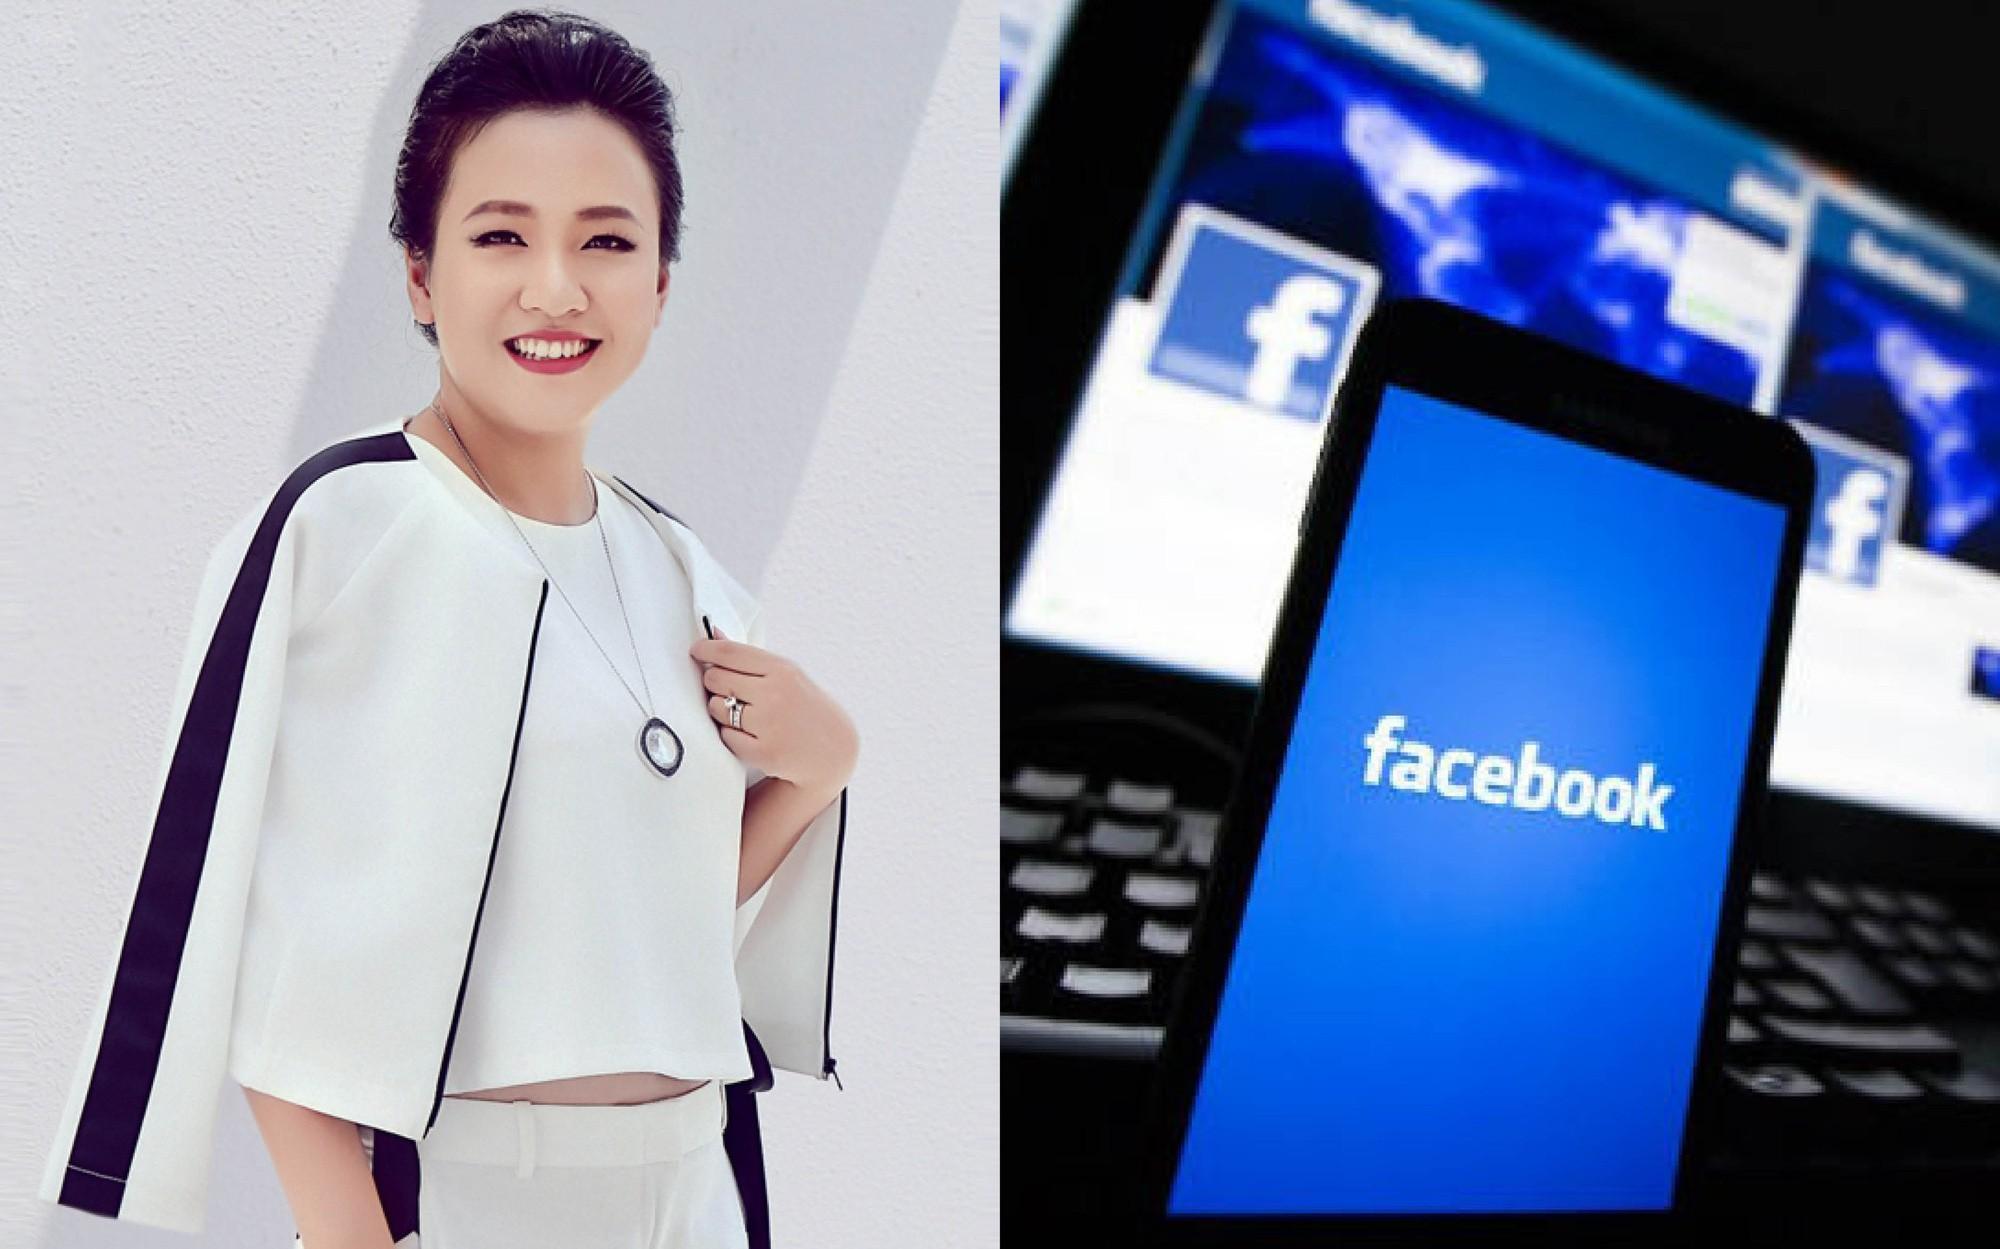 Lê Diệp Kiều Trang sẽ rời vị trí giám đốc Facebook Việt Nam vì không sắp xếp được công việc gia đình